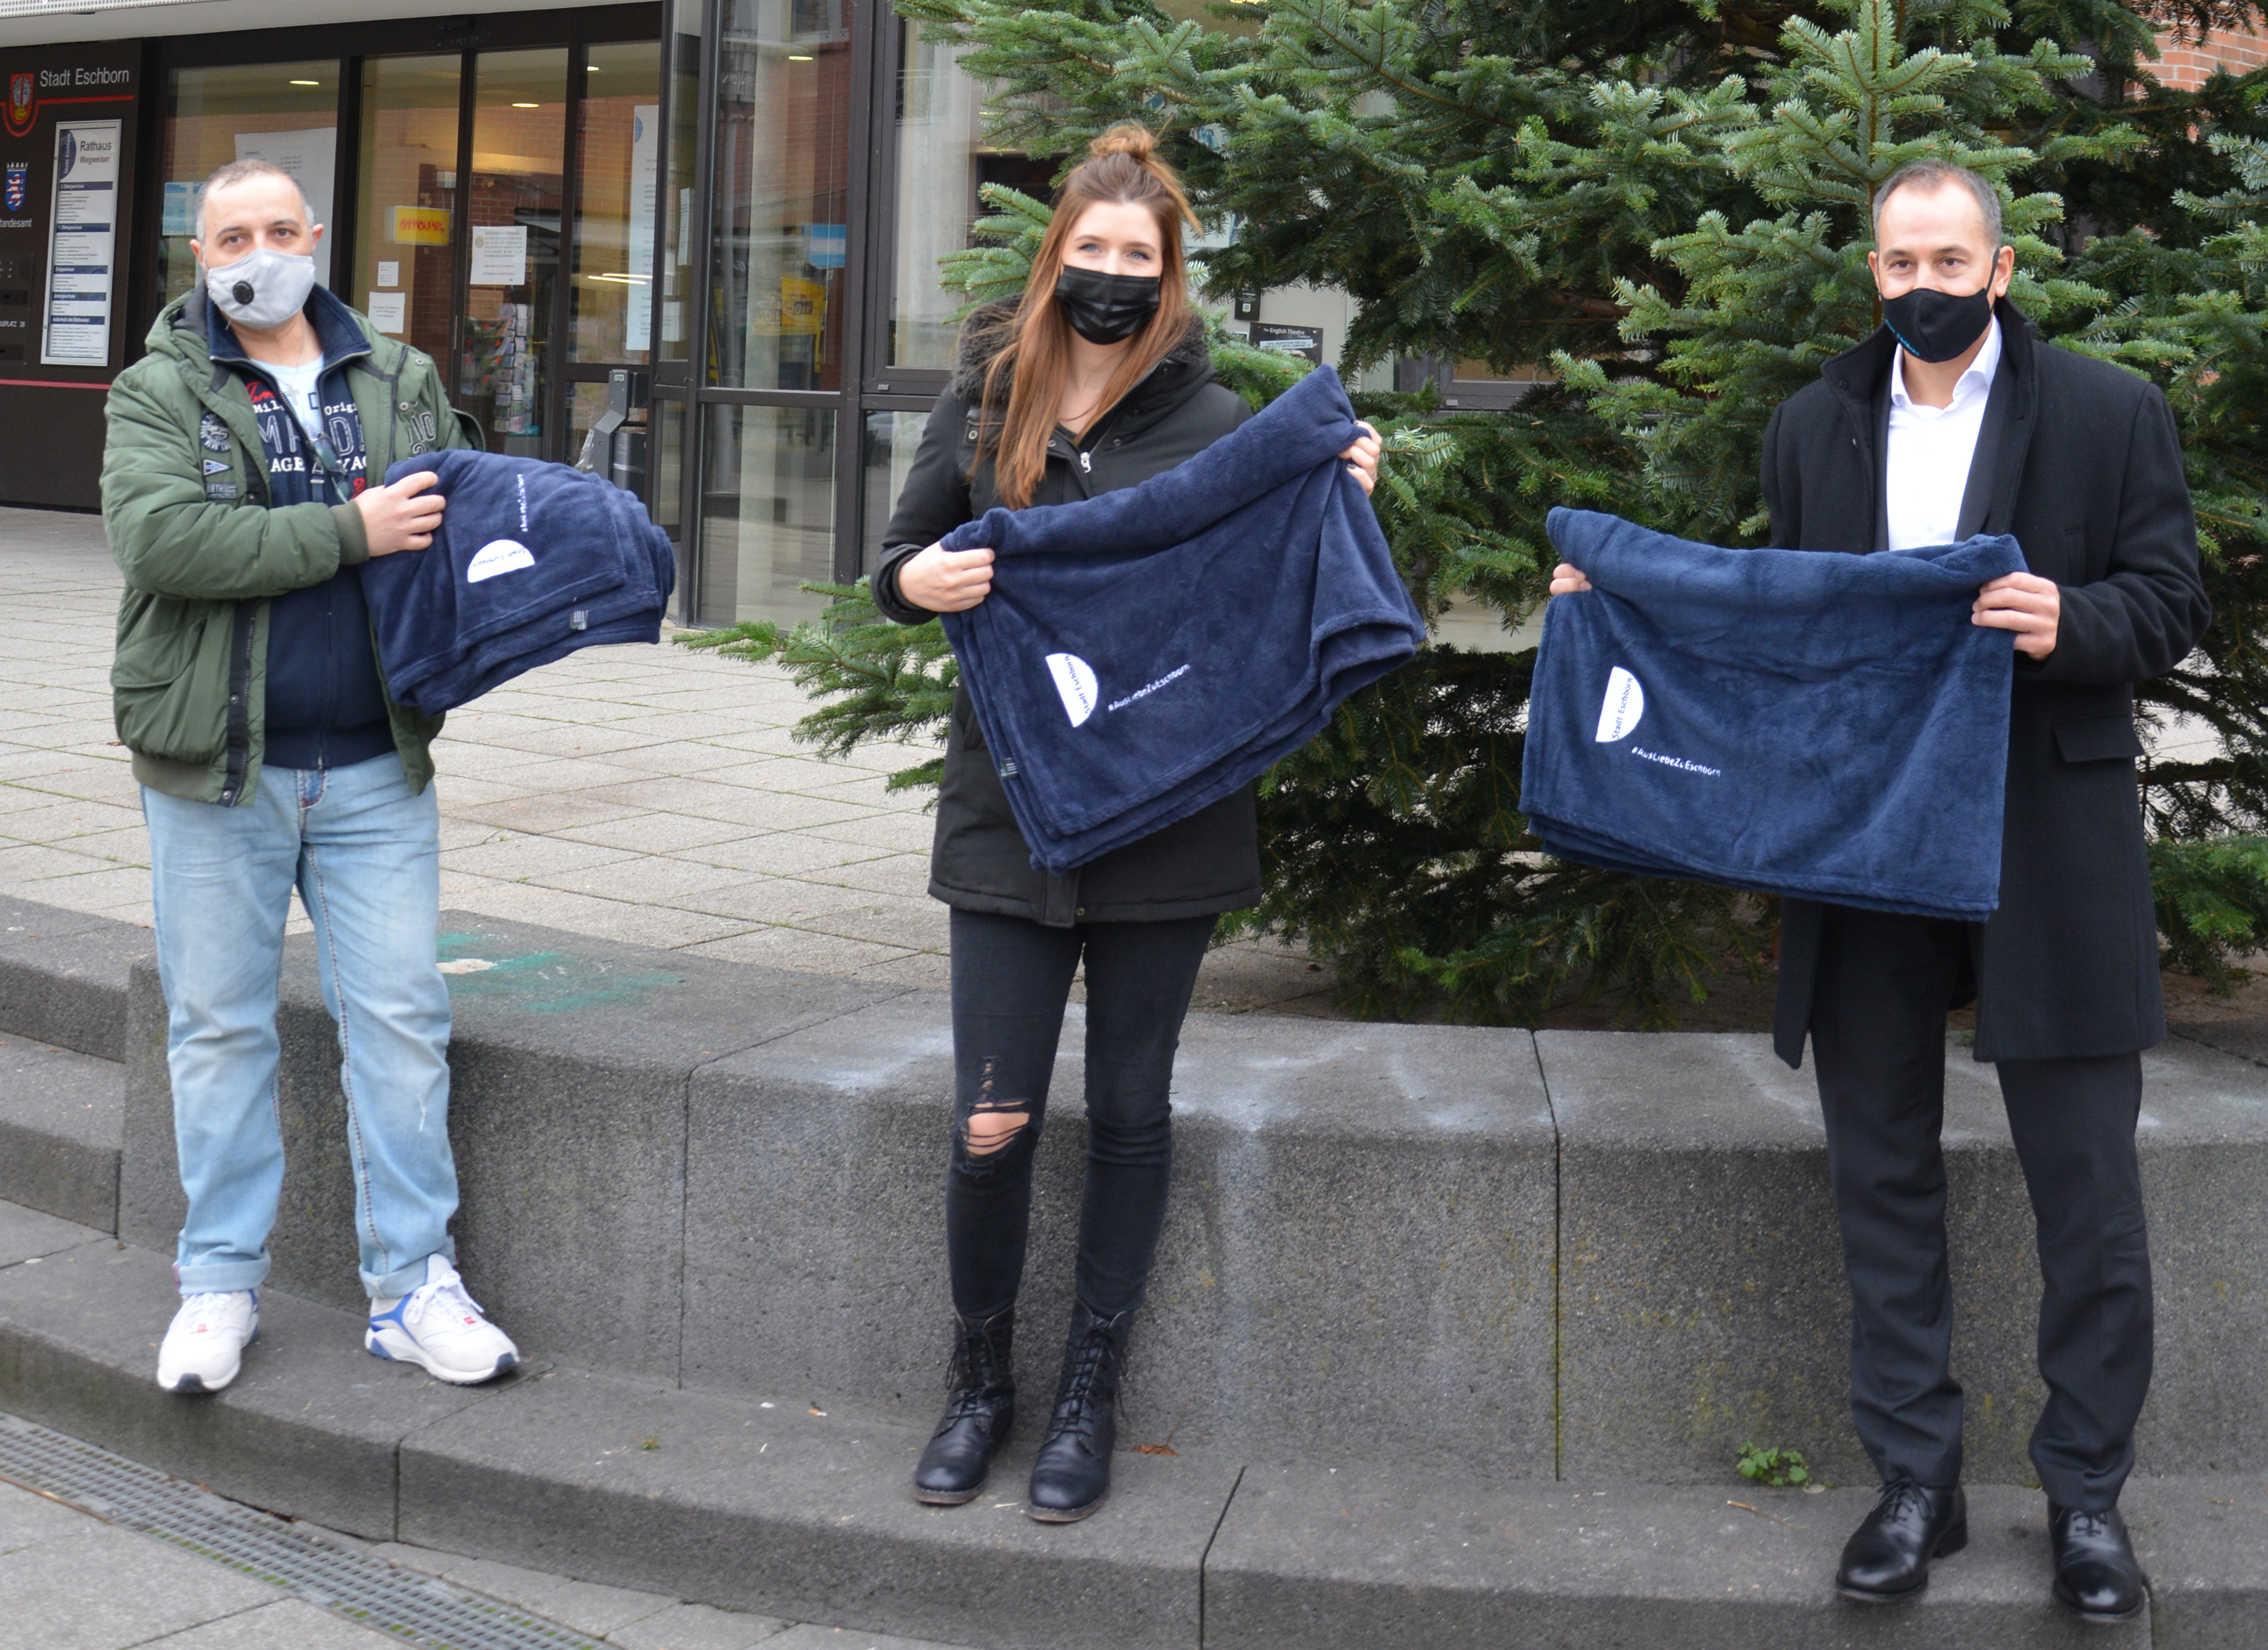 Die ersten Decken wurden von Bürgermeister Adnan Shaikh an Johanna Häusser, Alte Dorfschmiede, und Giuseppe Campagna, Eiscafé Il Gelato 2000 verteilt.